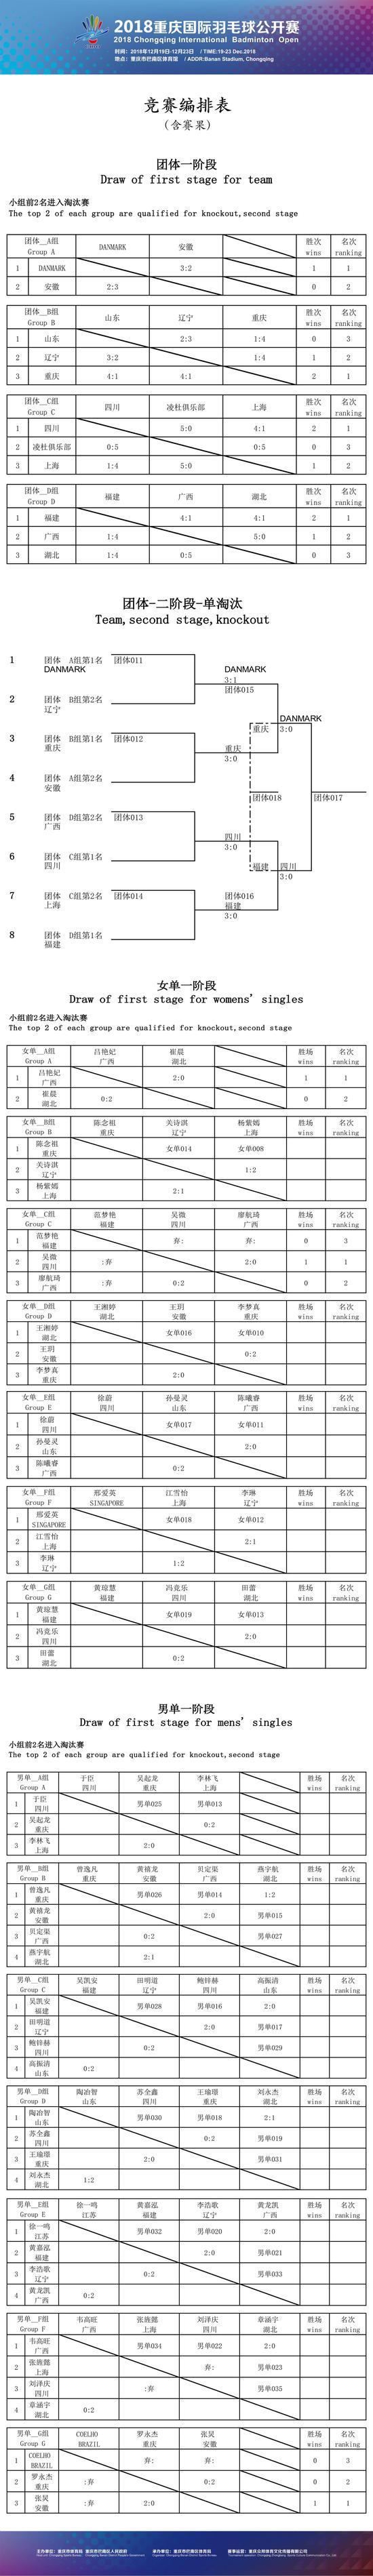 2018重庆羽毛球公开赛最新赛果(12月21日)